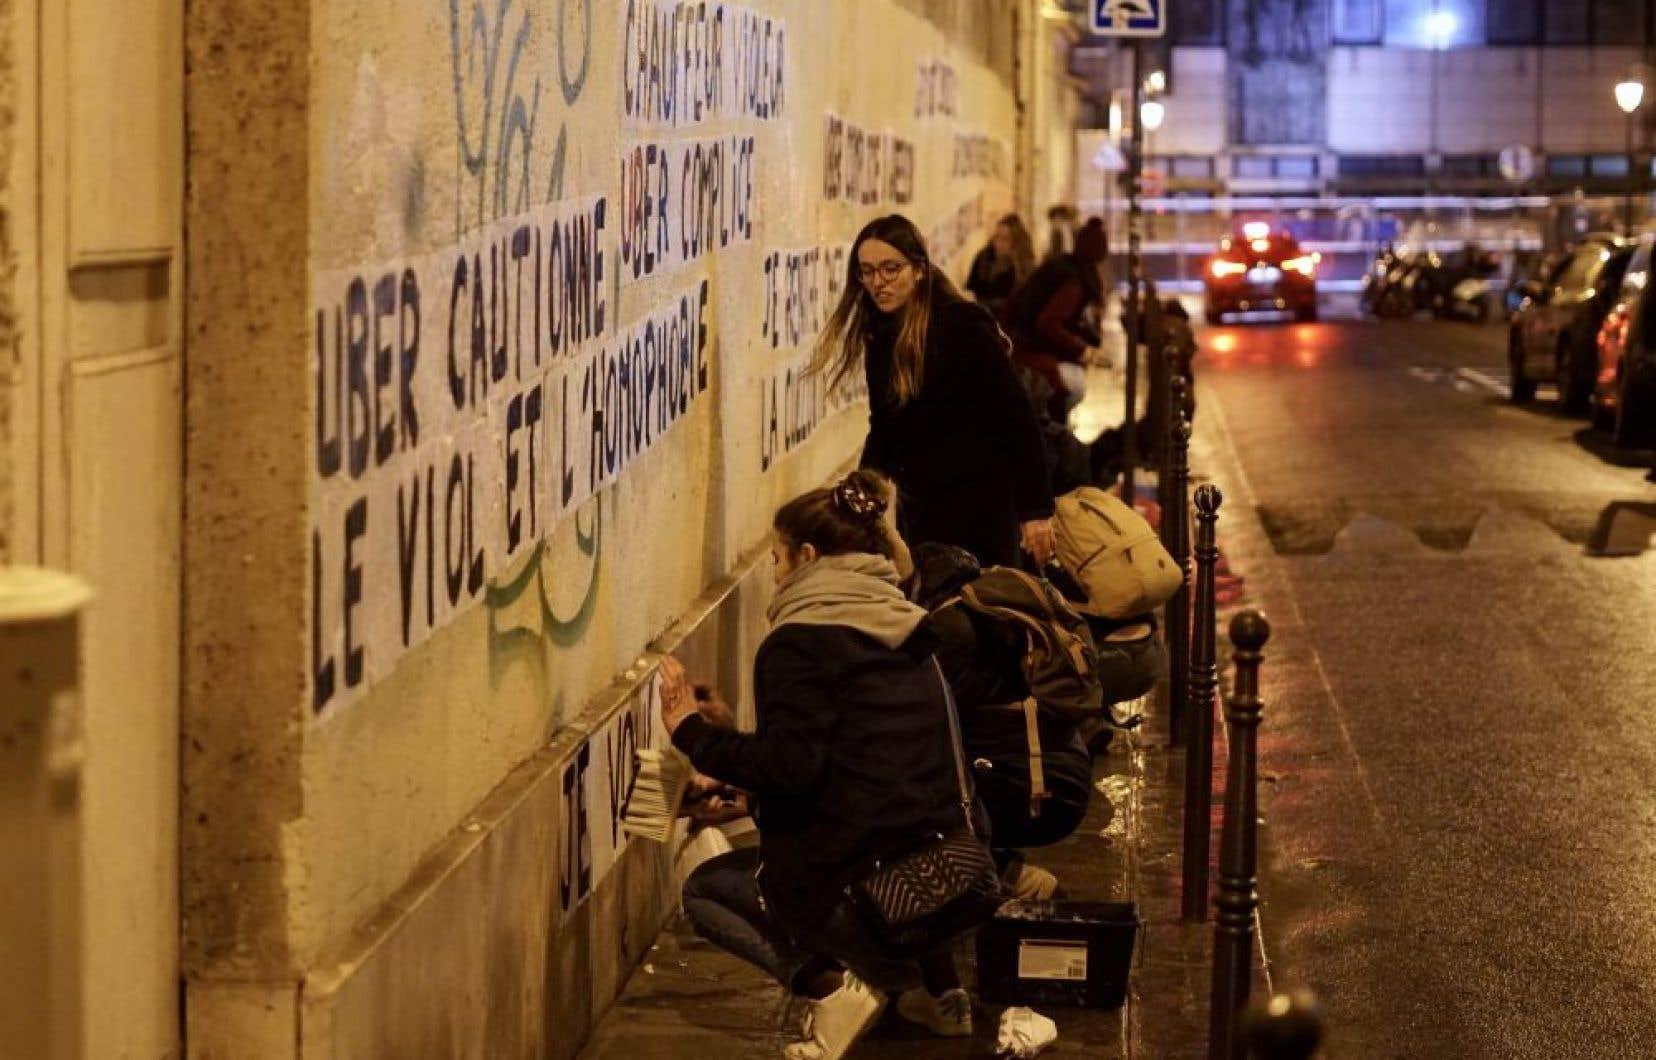 Les militantes collent frénétiquement leurs messages chocs sur les murs. Leur objectif: braquer les projecteurs sur les femmes tuées par leur conjoint, leur ex-conjoint ou un prétendant.